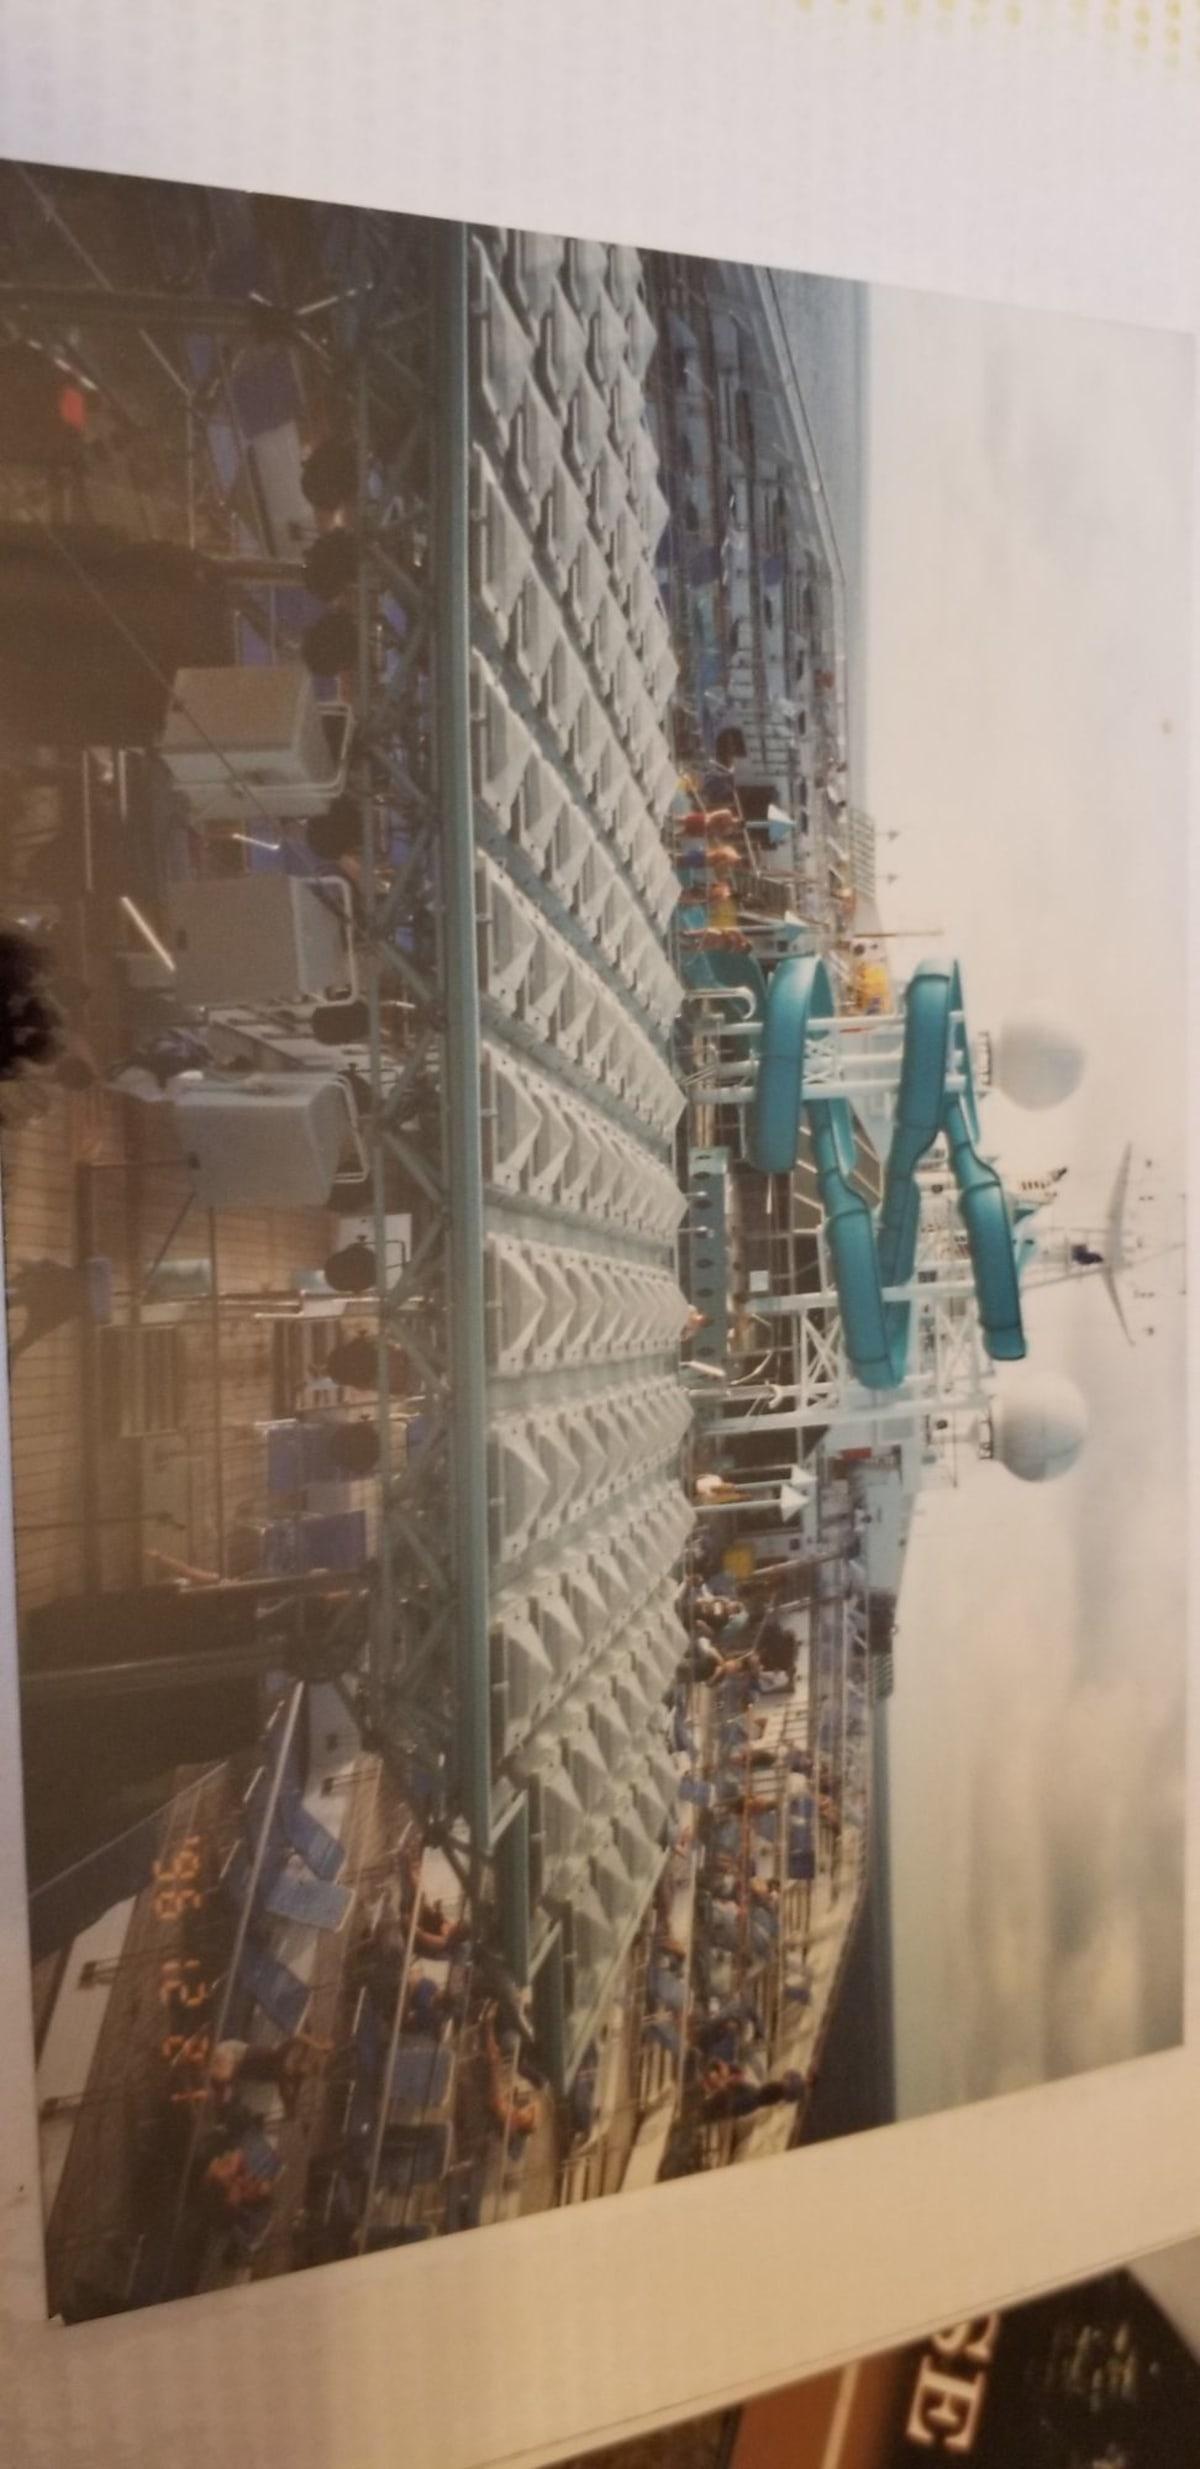 当時、世界第二位の大きさを誇ったディスティニー号 | 客船カーニバル・デスティニーの外観